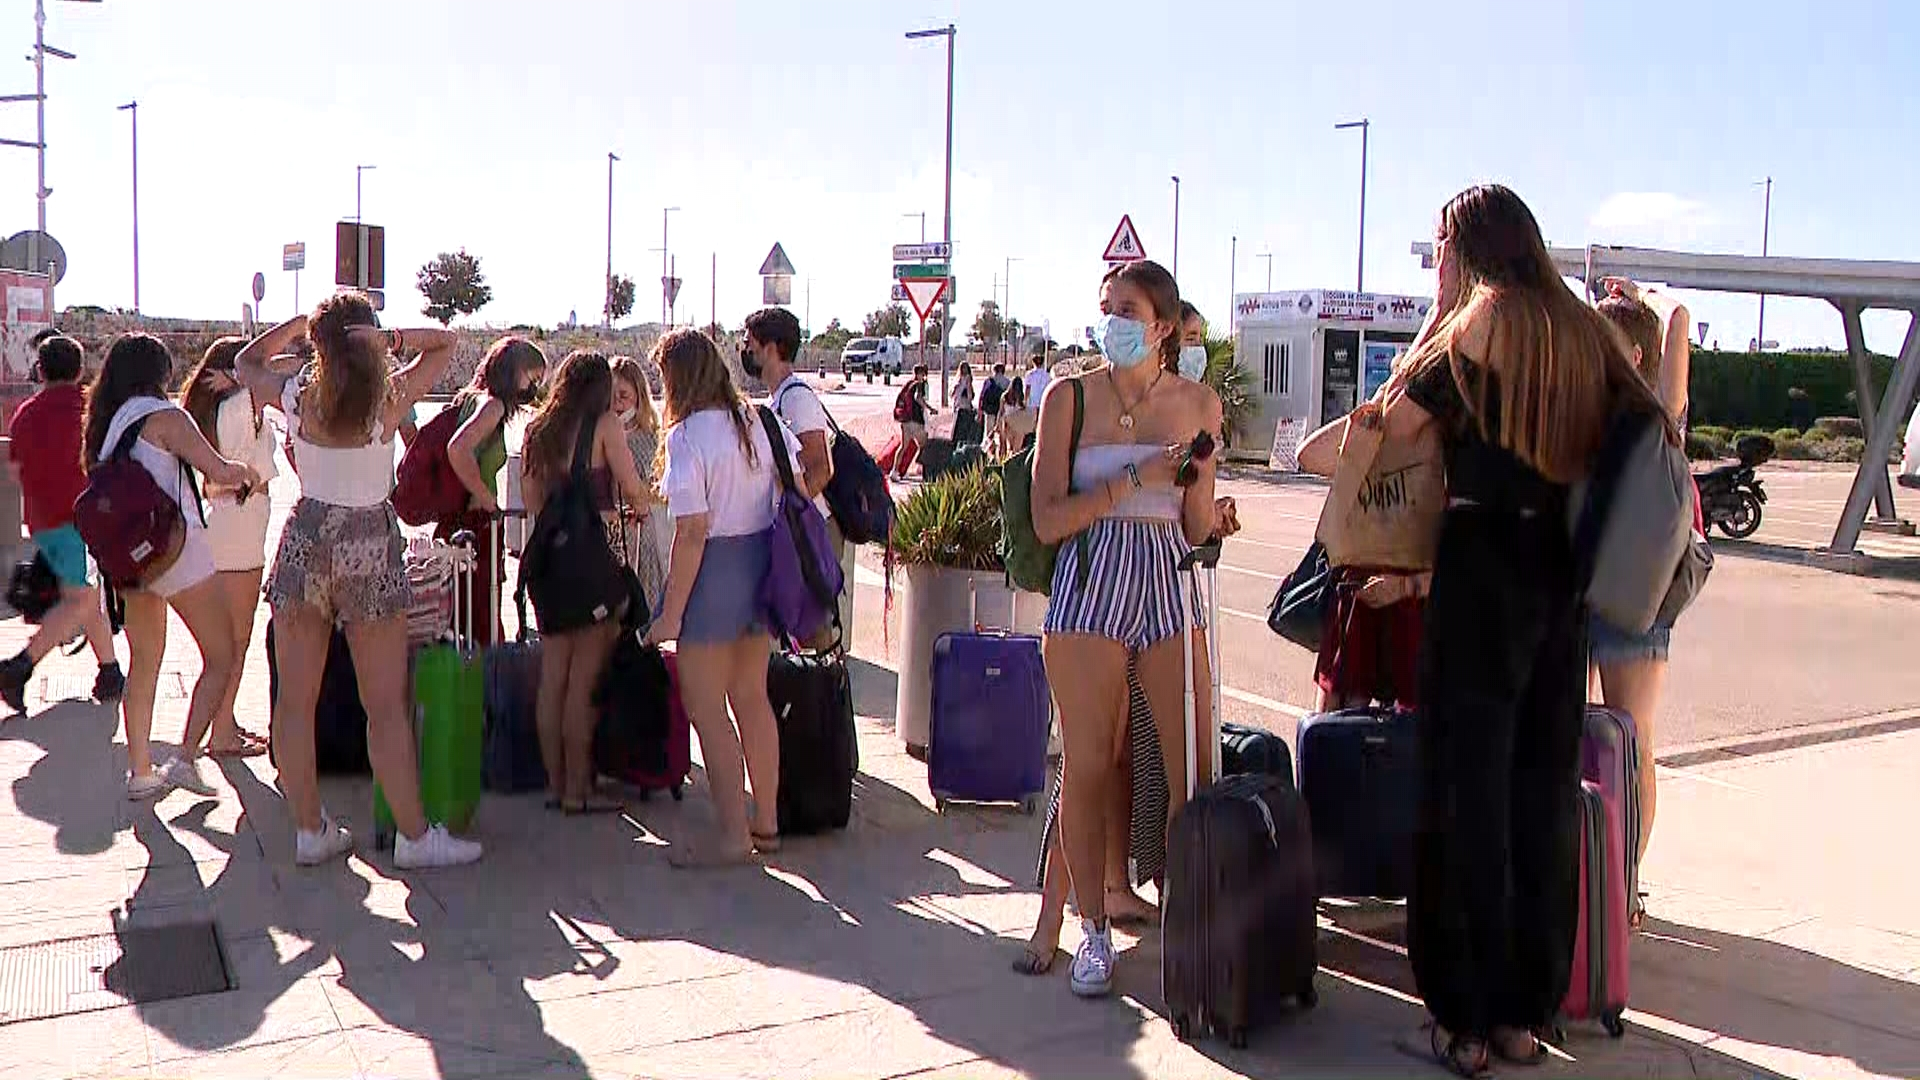 Sant+Joan+2021+a+Ciutadella%3A+festes+suspeses%2C+per%C3%B2+amb+m%C3%A9s+de+100+policies+i+6.000+passatgers+diaris+al+port